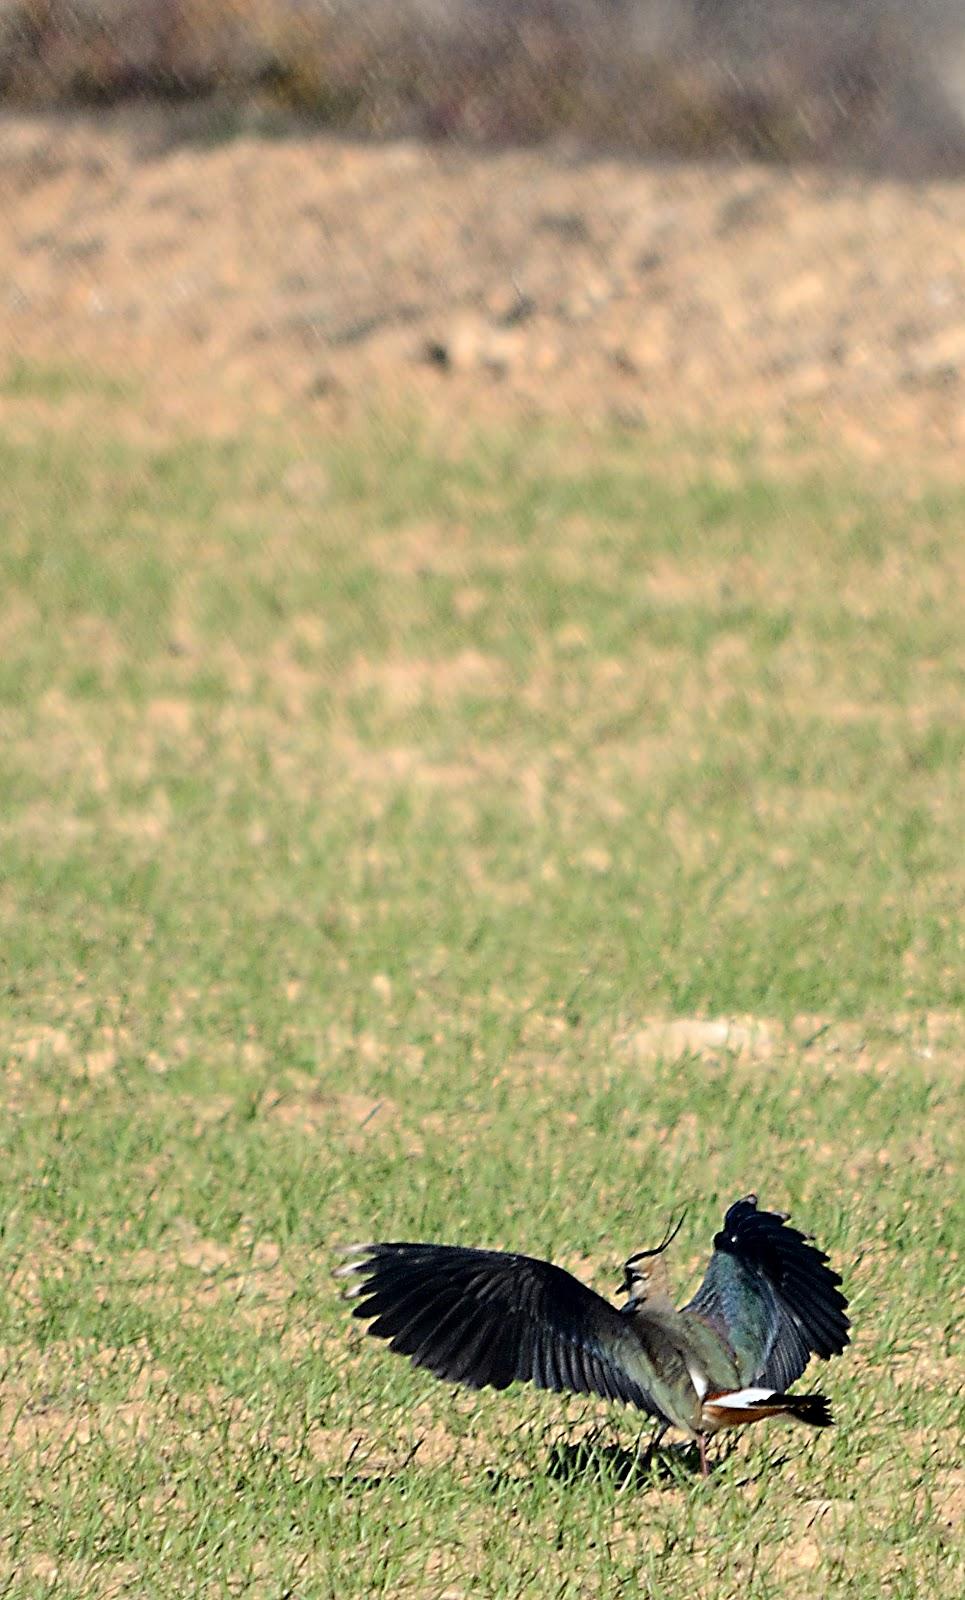 Mica en 4 patas ofrece su culo - 2 7